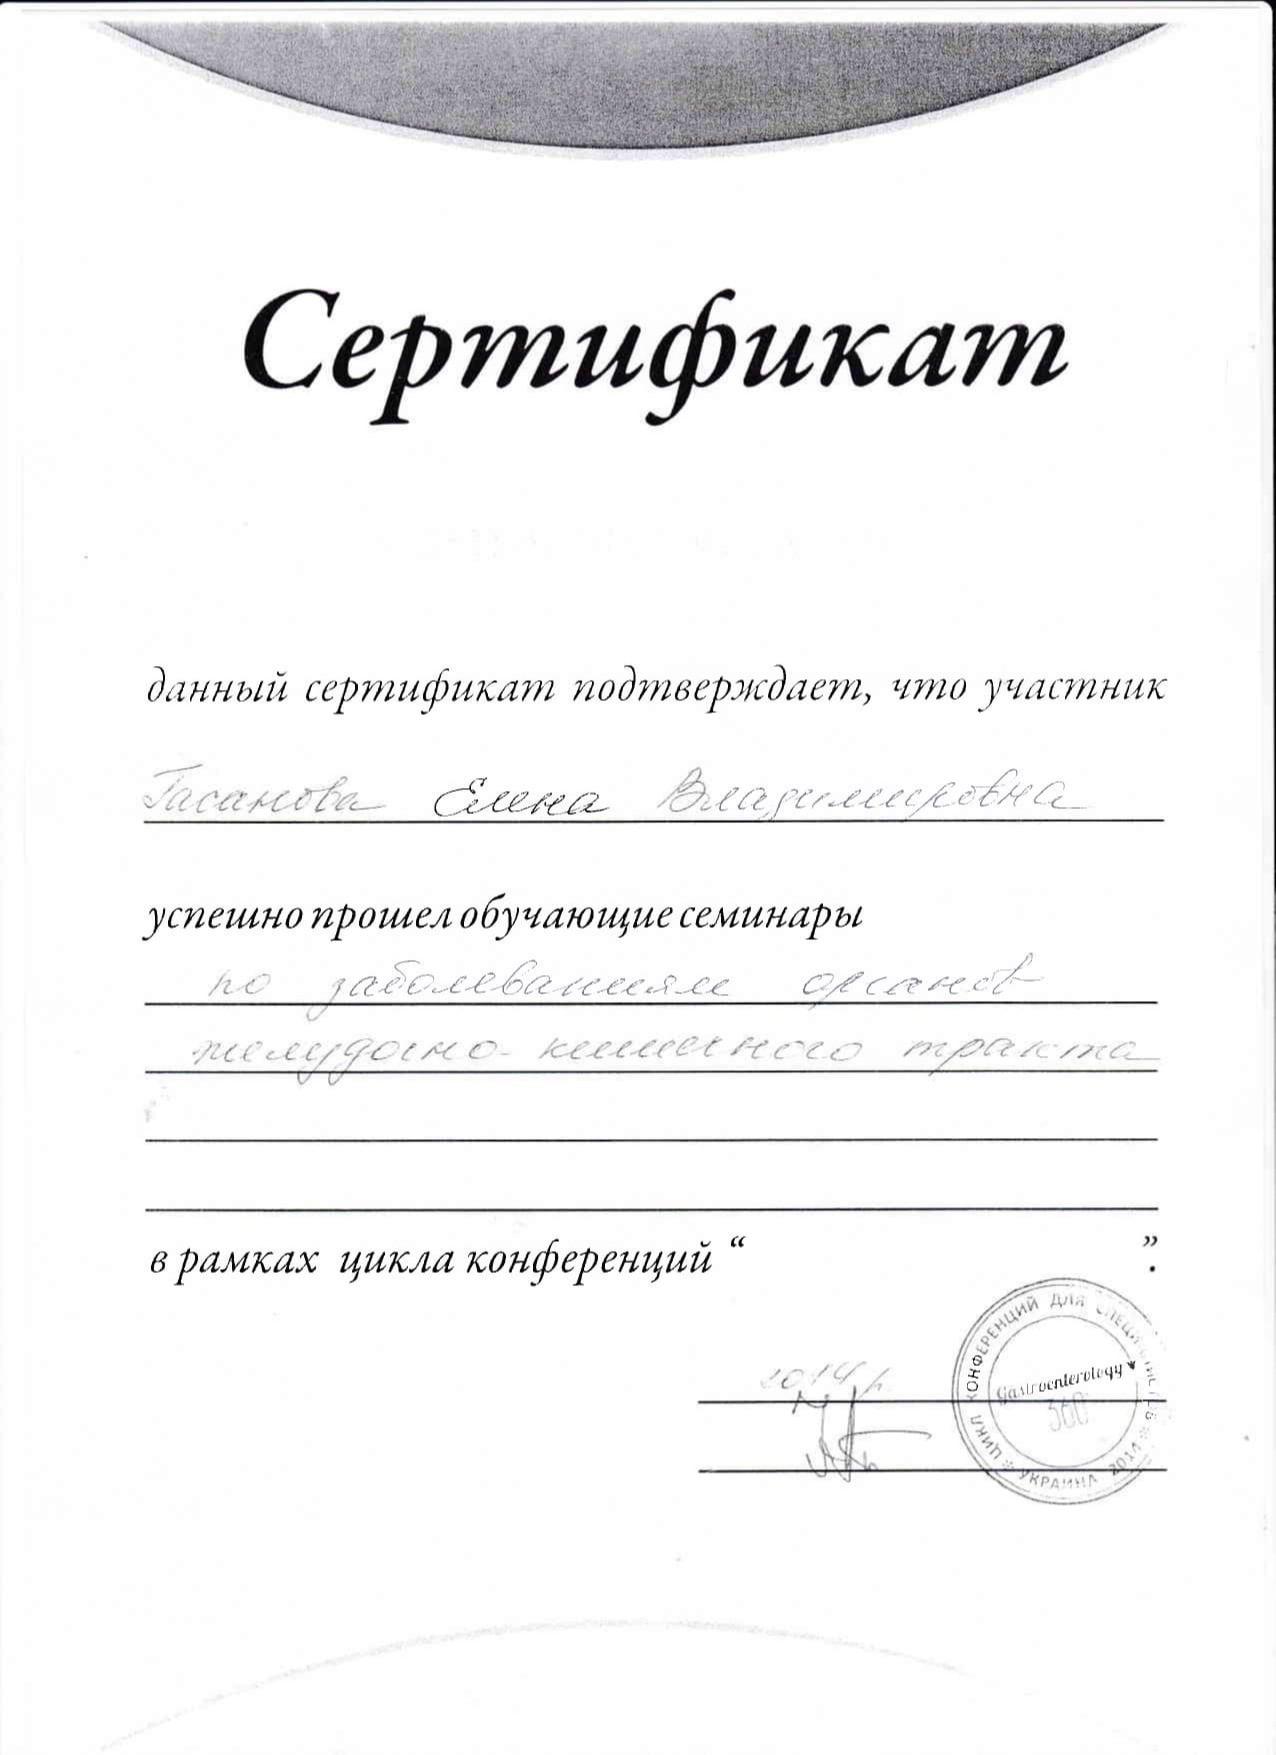 Сертификат о прохождении обучающих семинаров в рамках цикла конференций